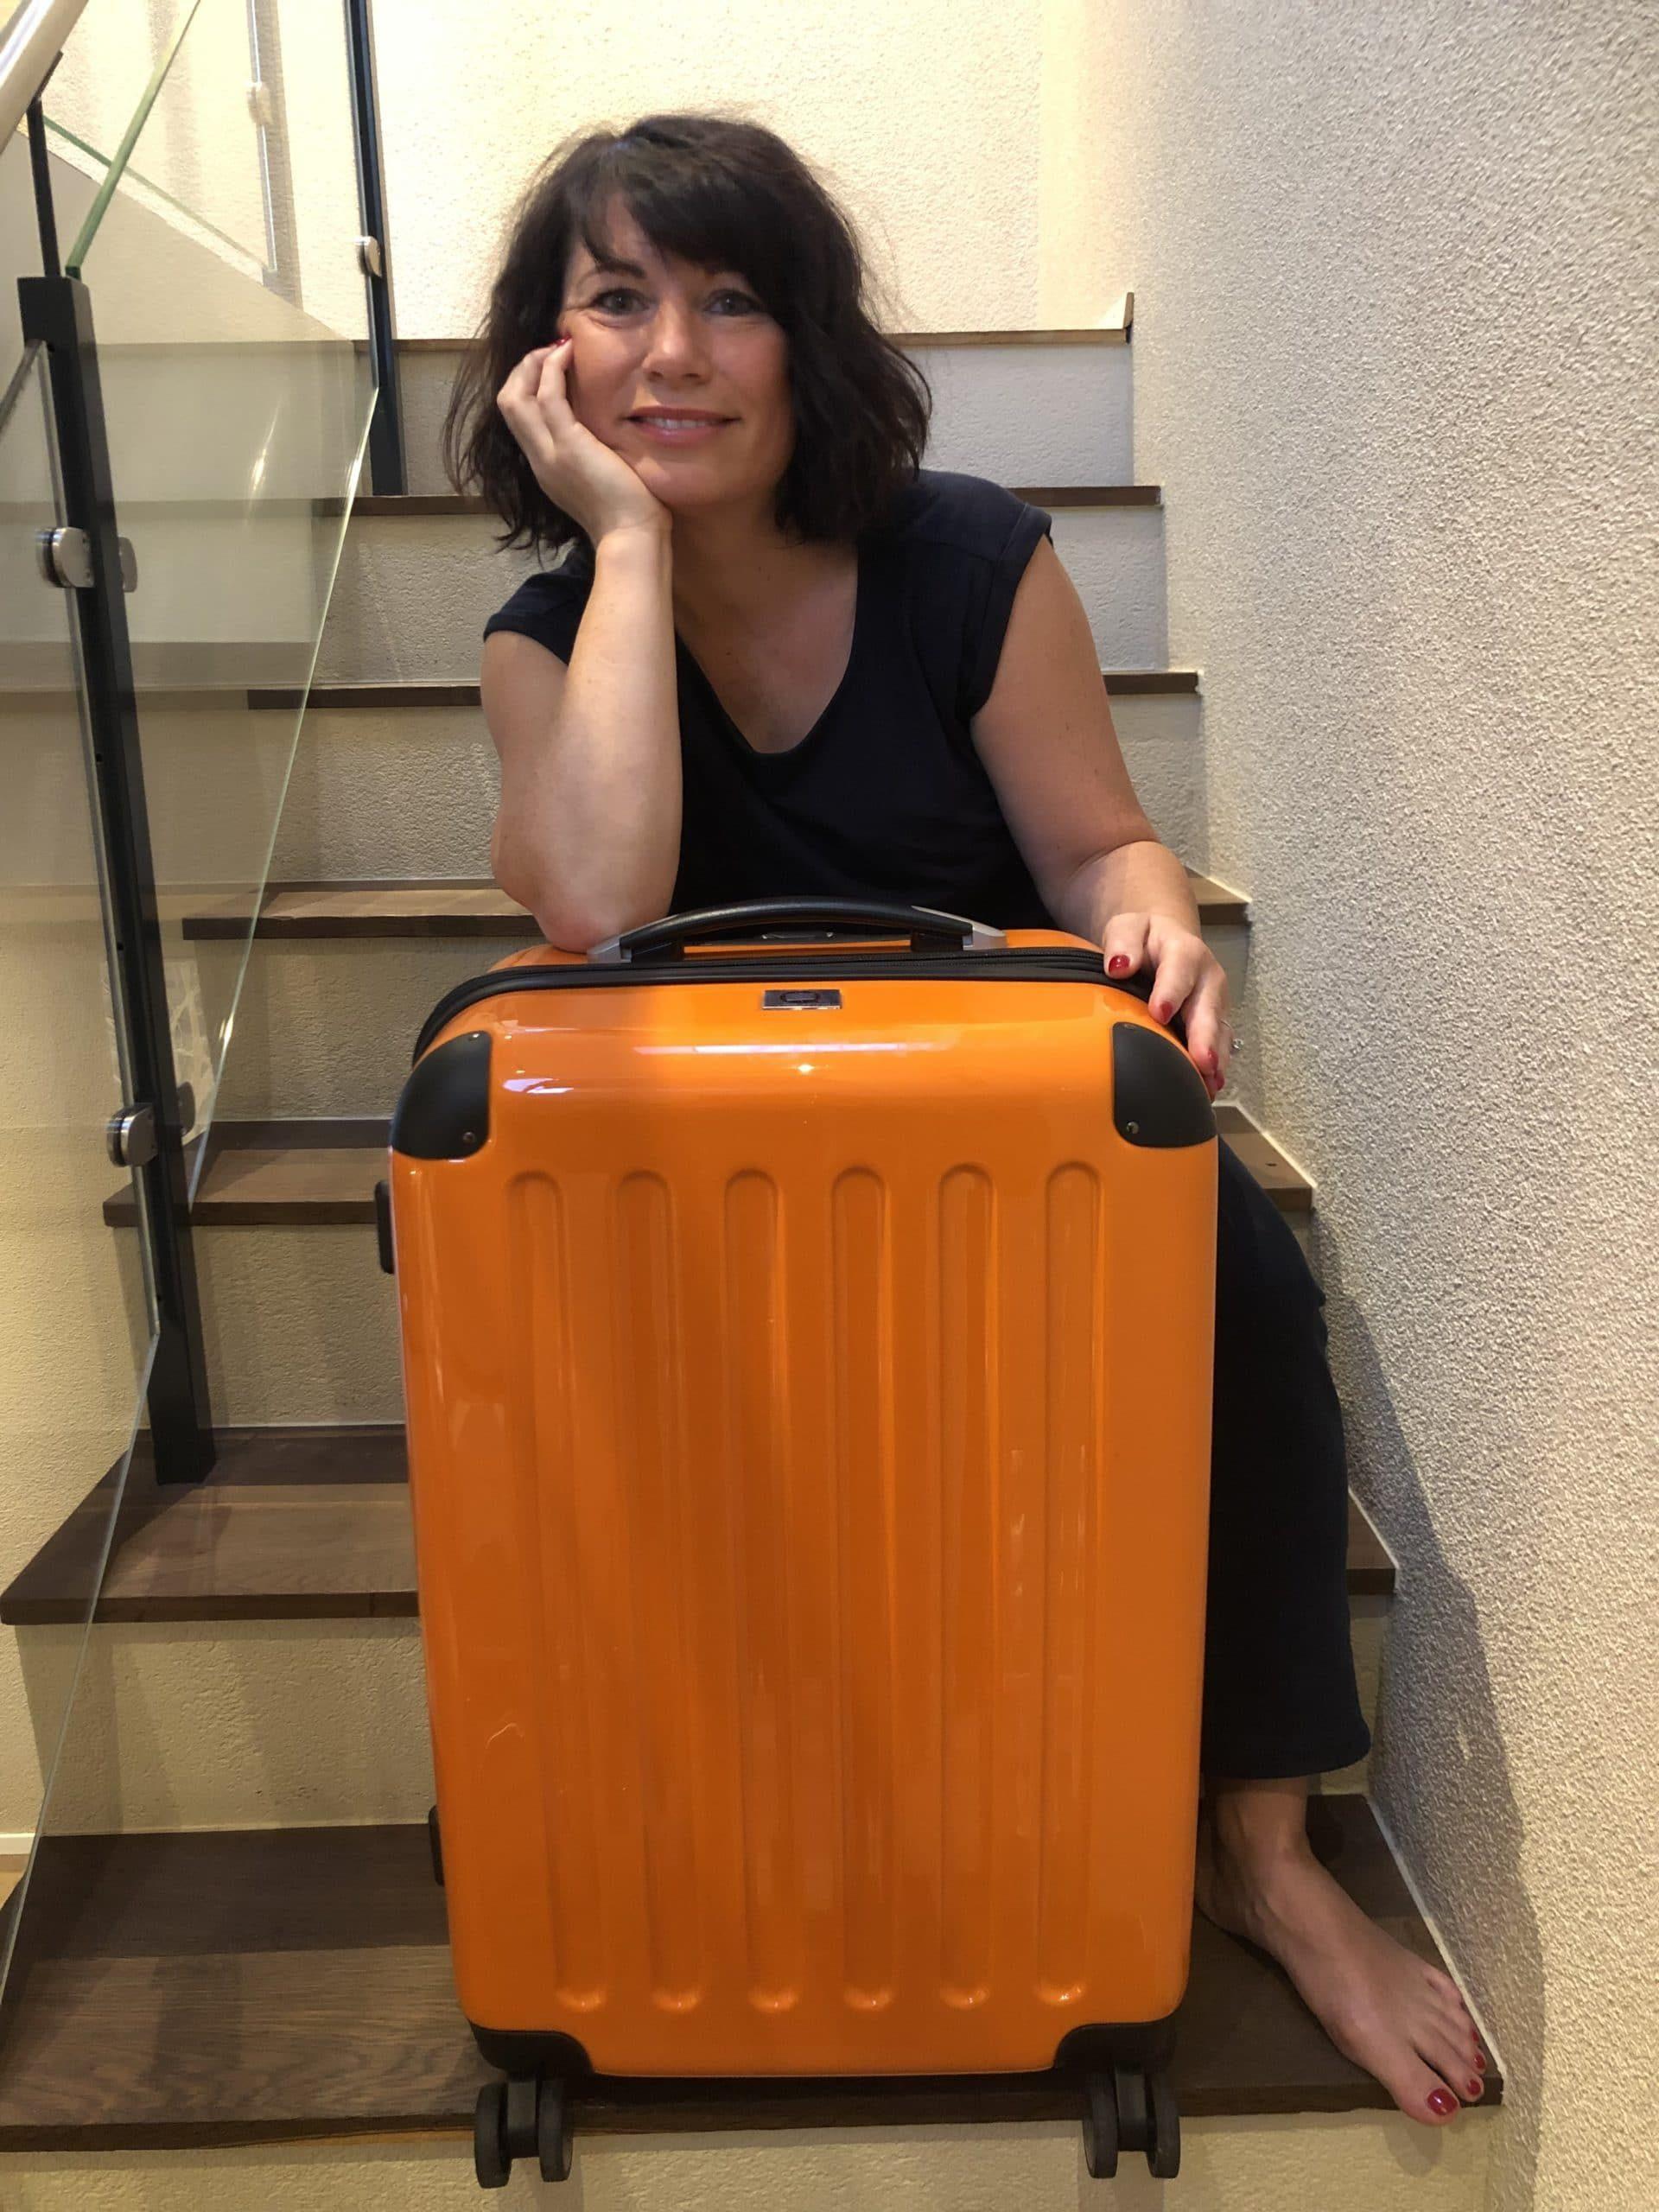 Monatsrückblick August 2021: Ferienzeit und ein Koffer voller Ideen